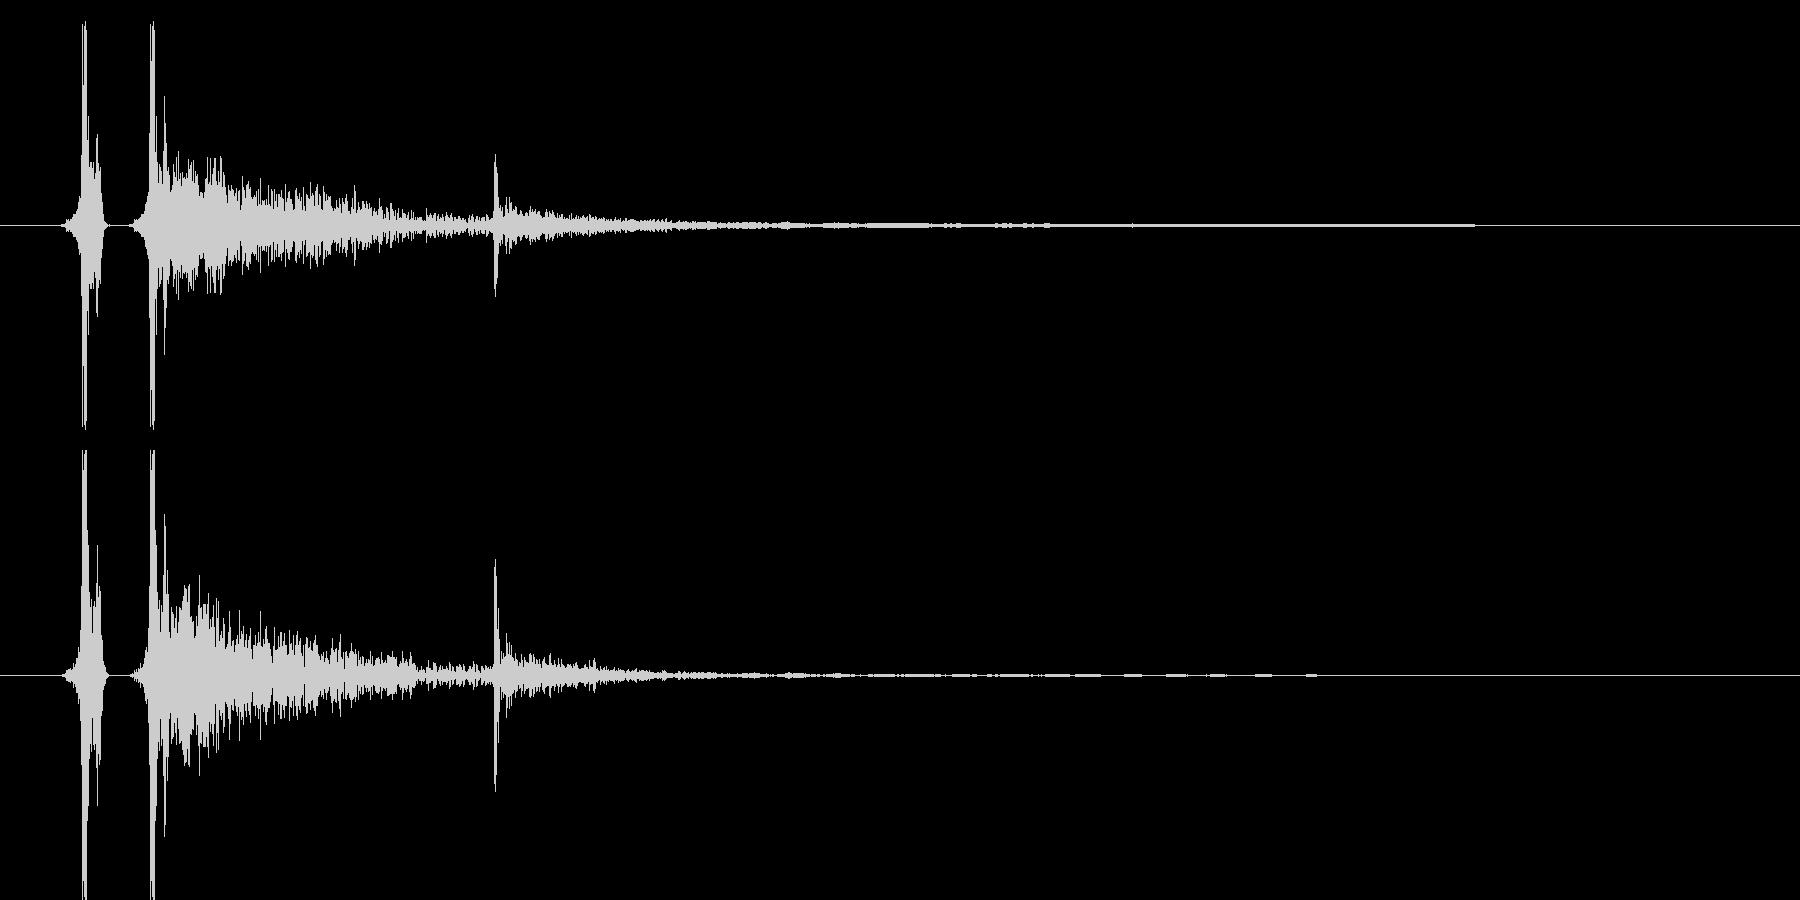 卓球/ピンポン/スマッシュ01の未再生の波形